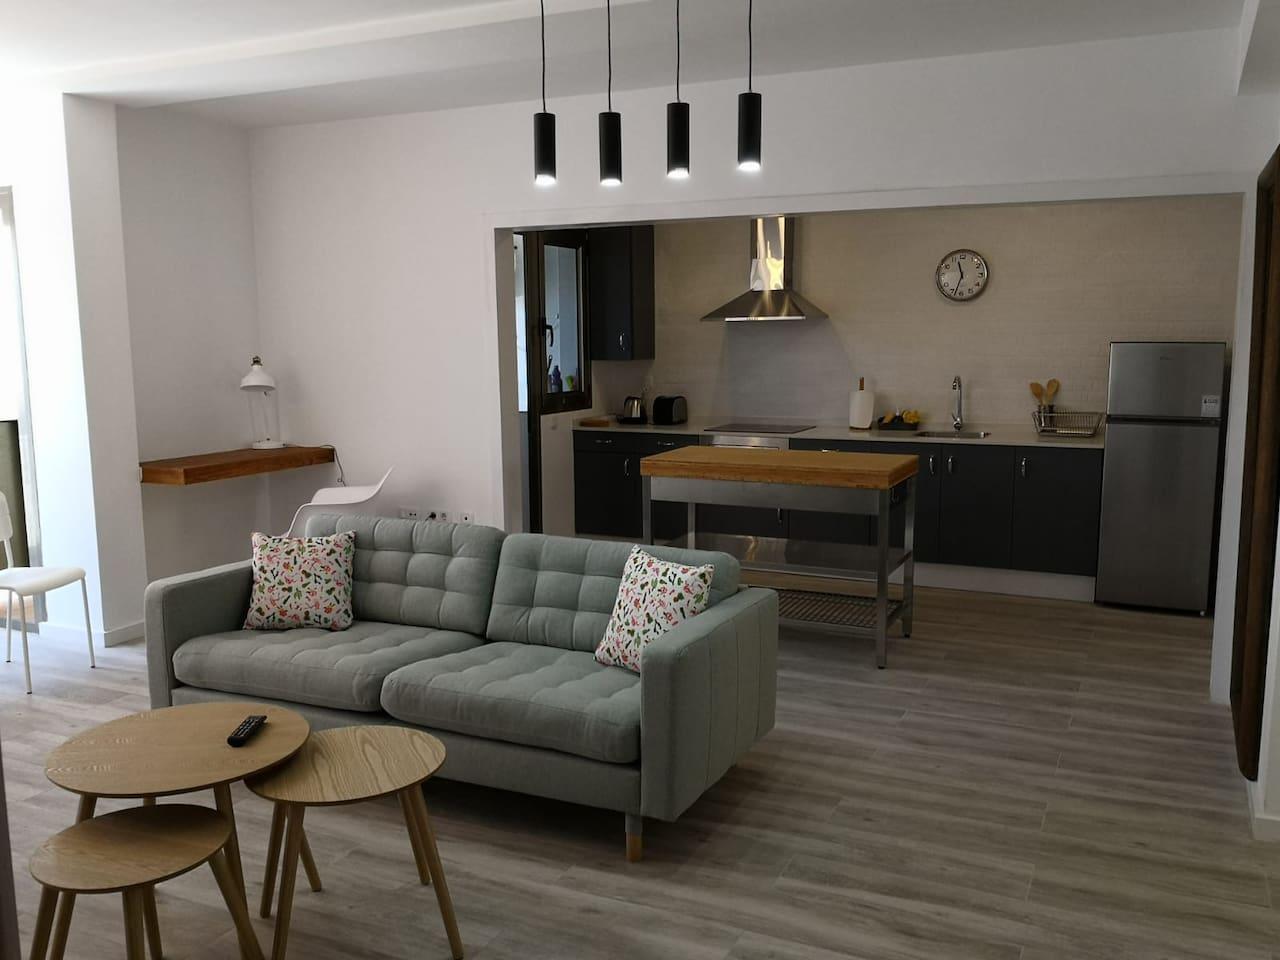 Amplio salón con comedor y cocina con isla de concepto abierto. Zona de estudio.